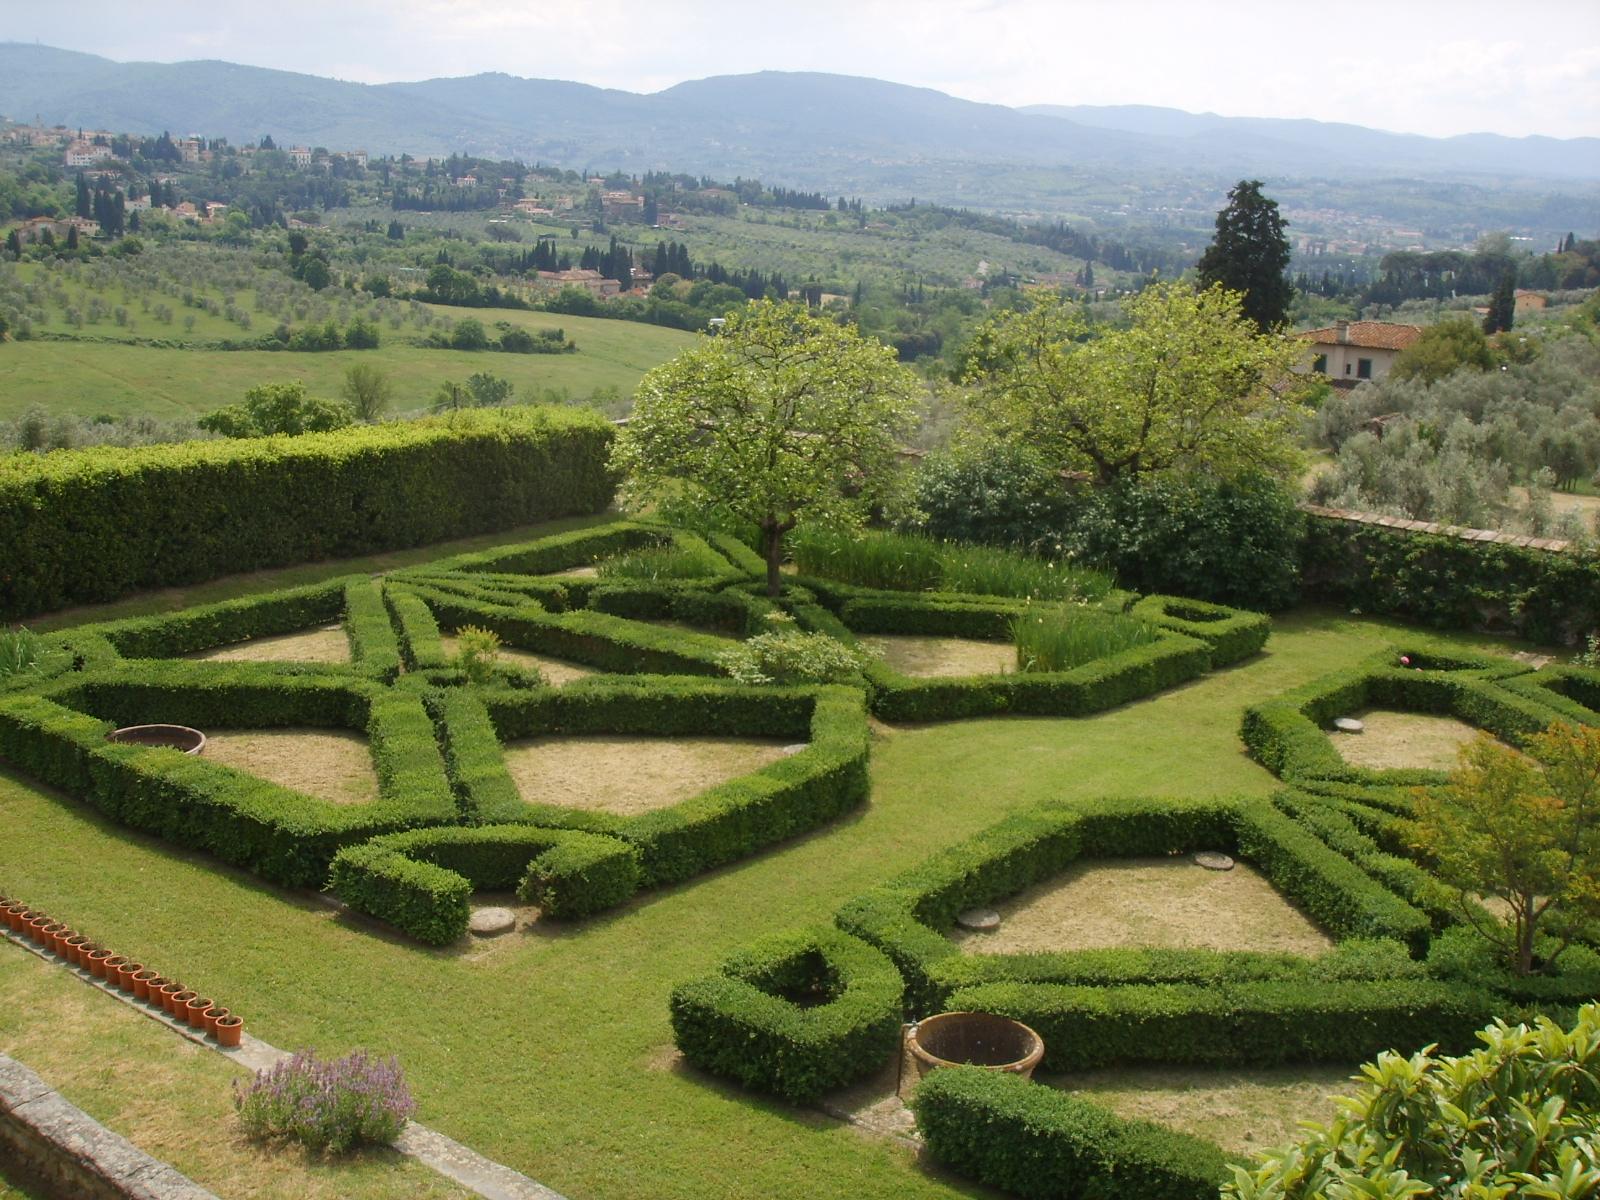 villa di maiano - wikipedia - Piccolo Giardino Allitaliana